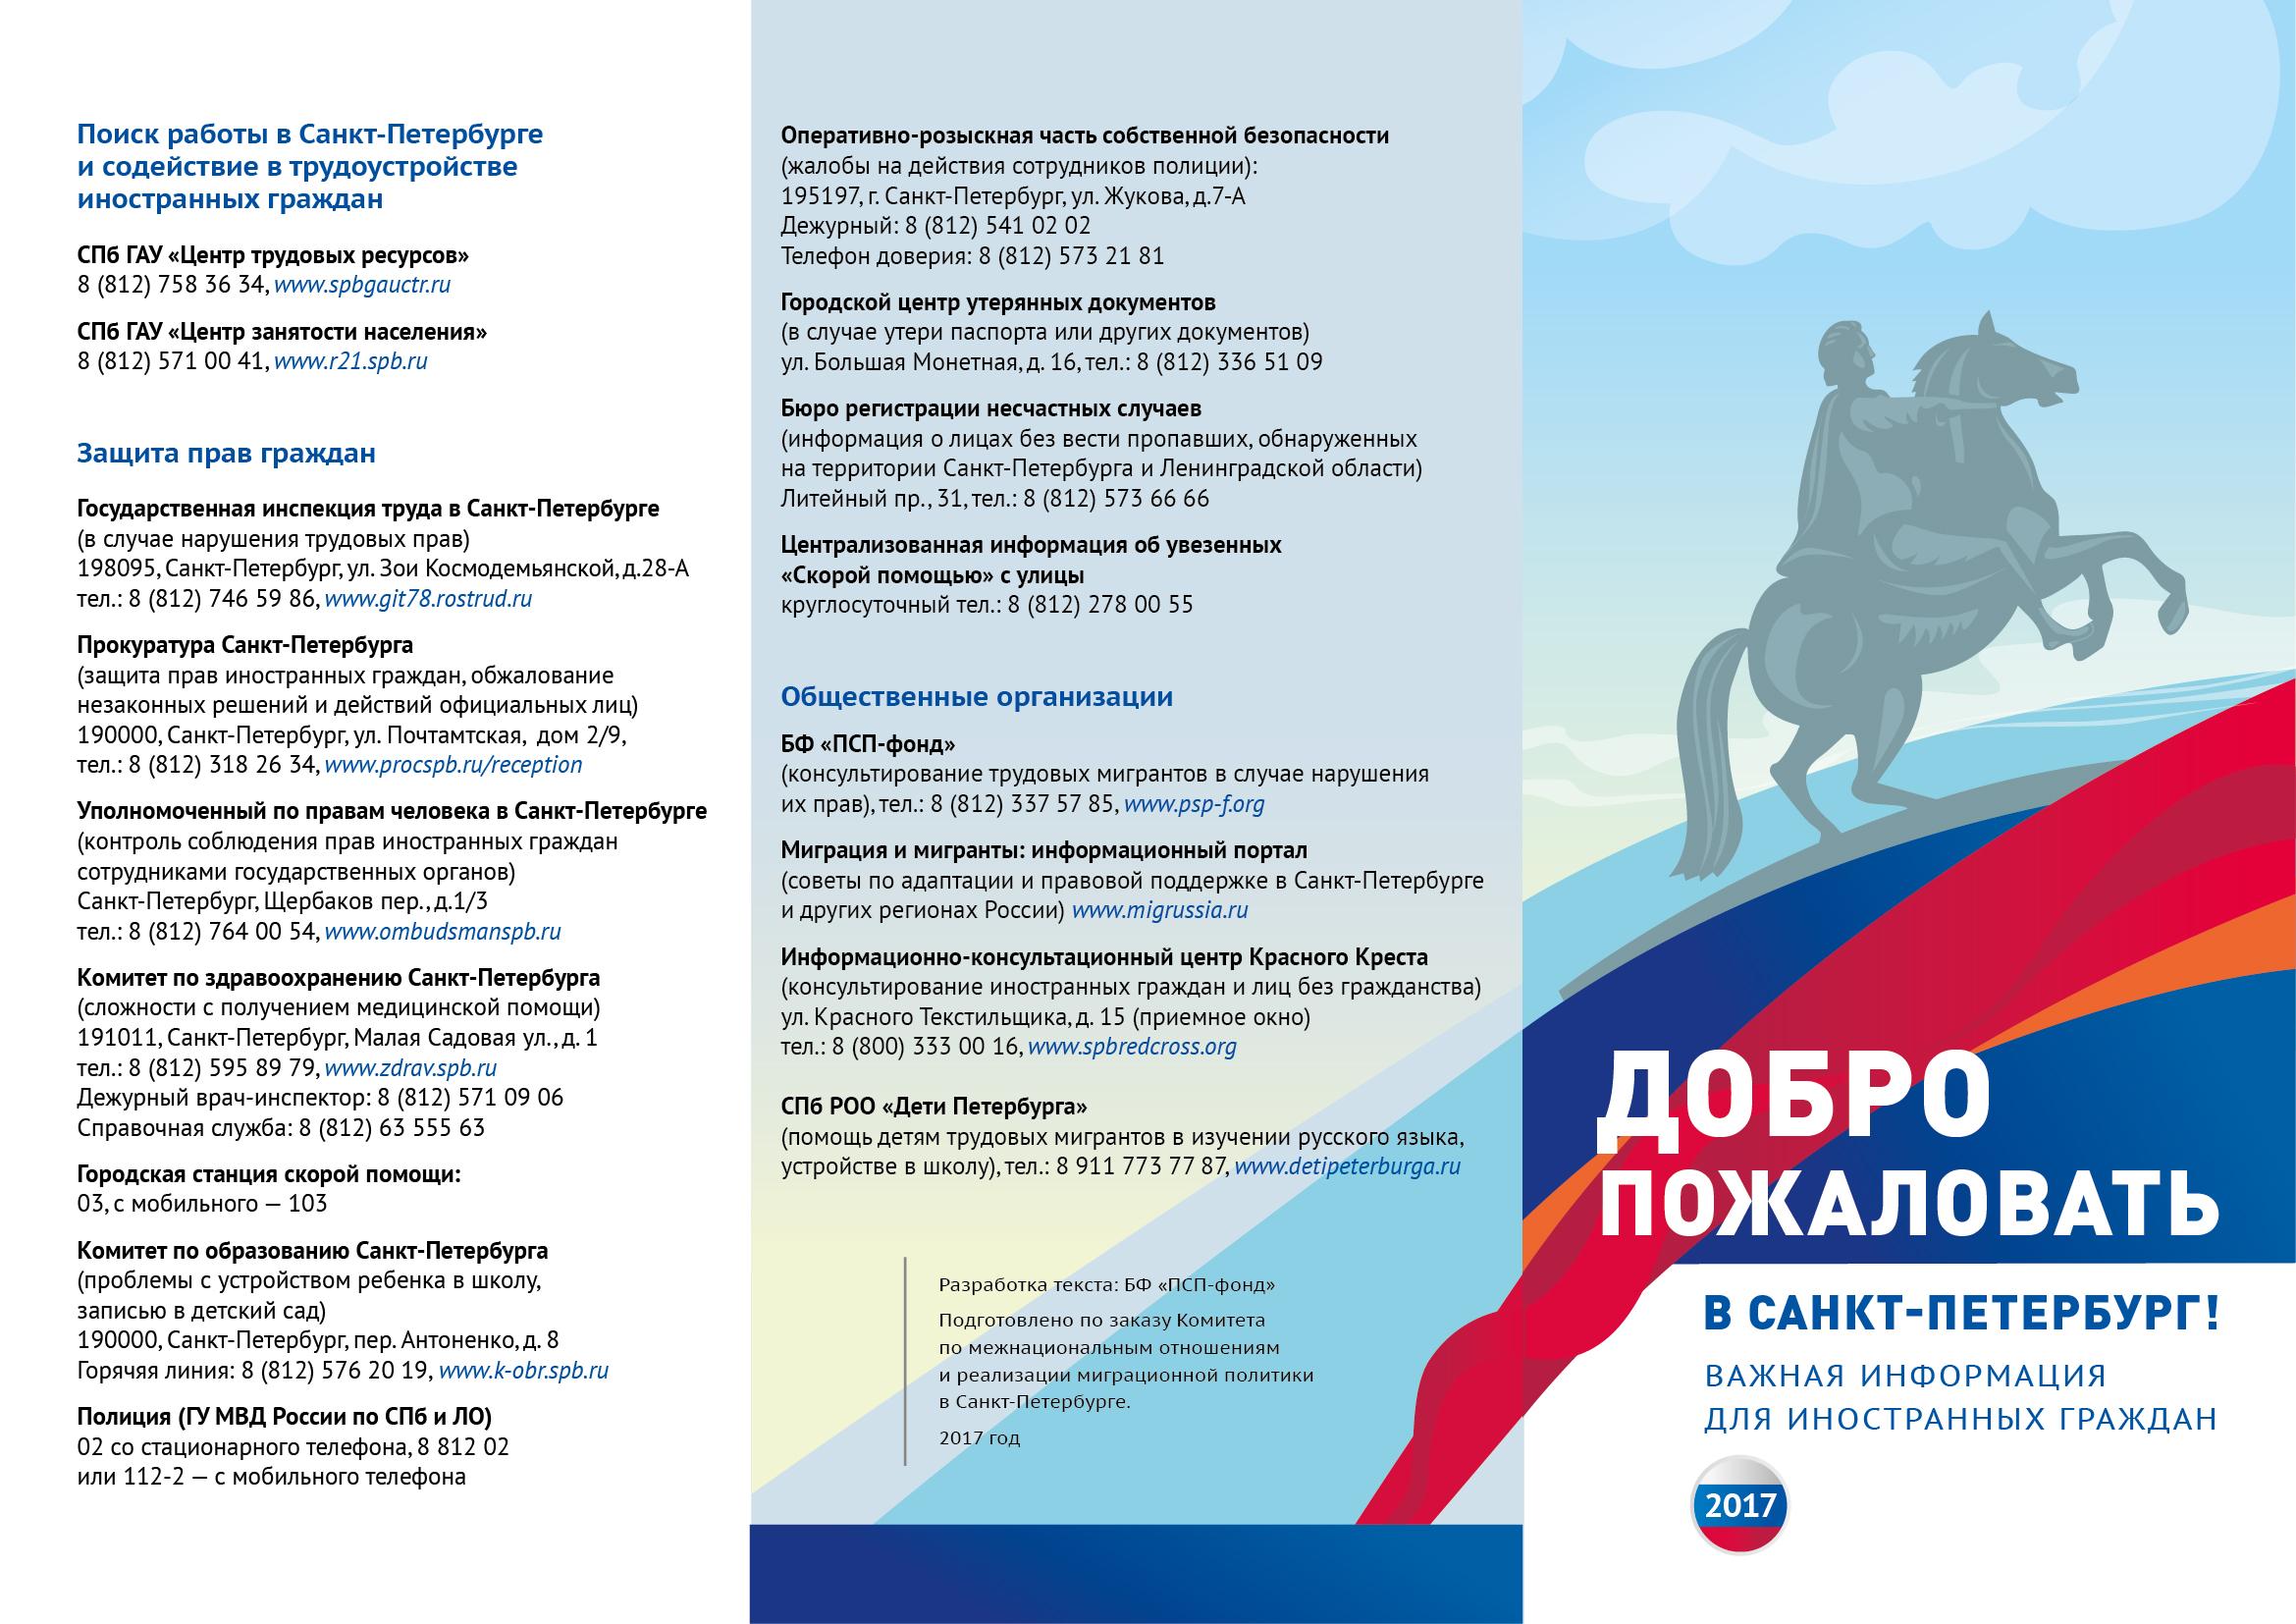 Буклет «Добро пожаловать в Санкт-Петербург»